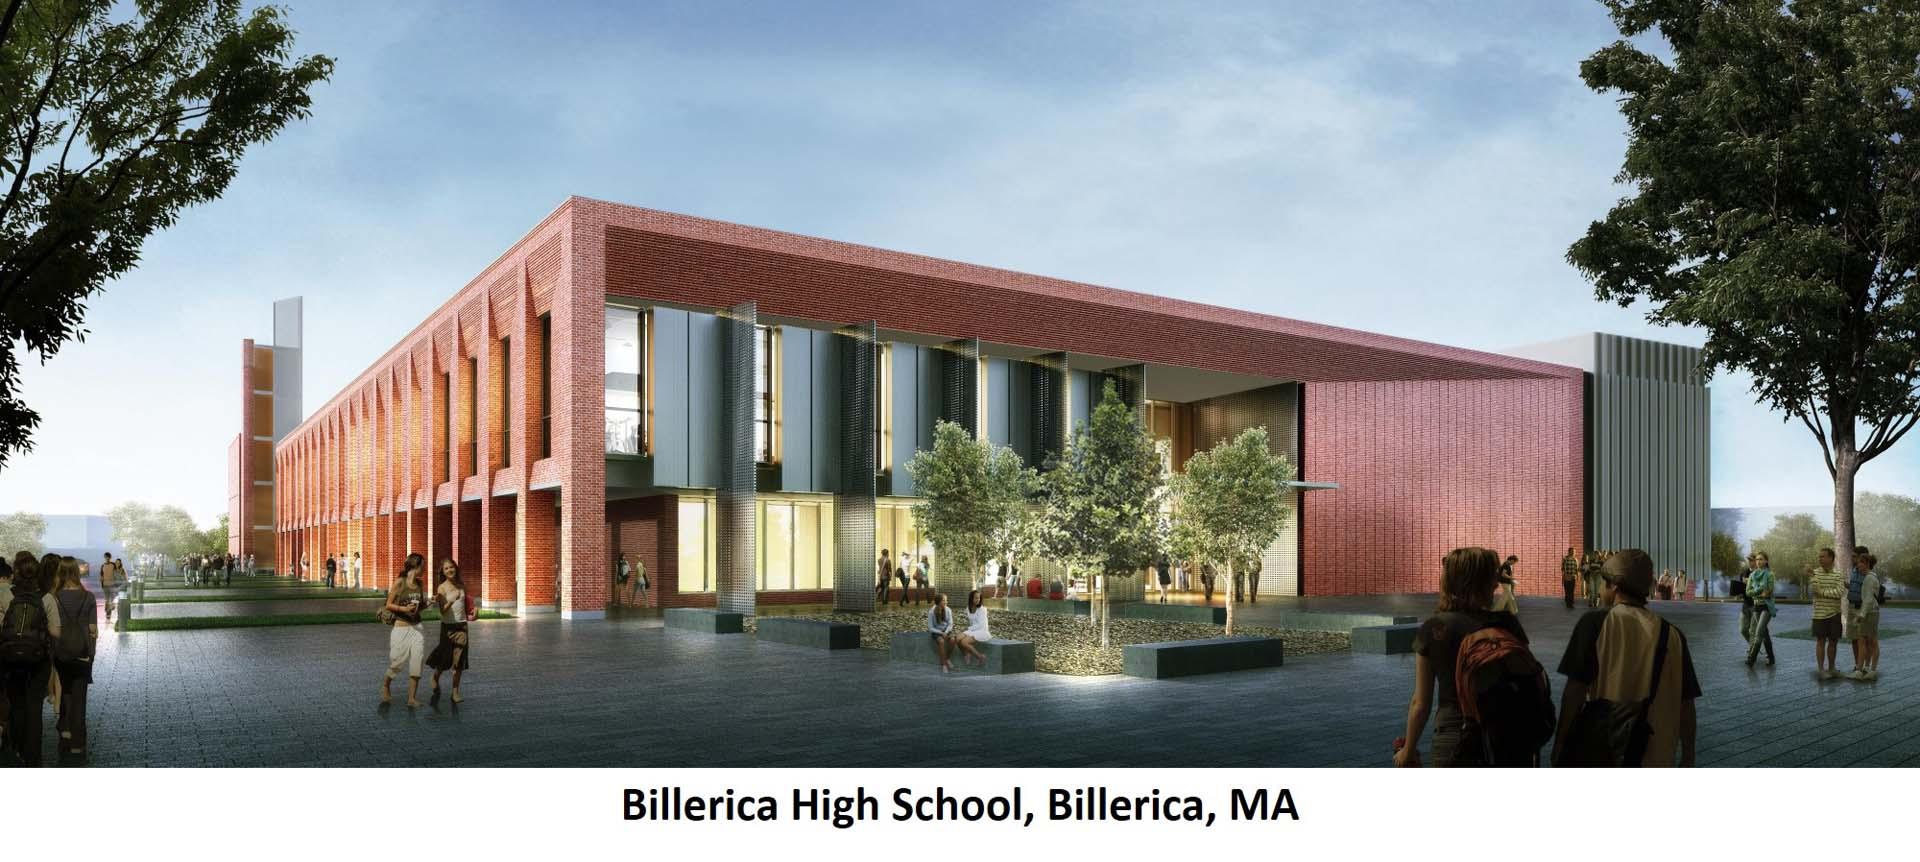 Billerica High School Billerica MA